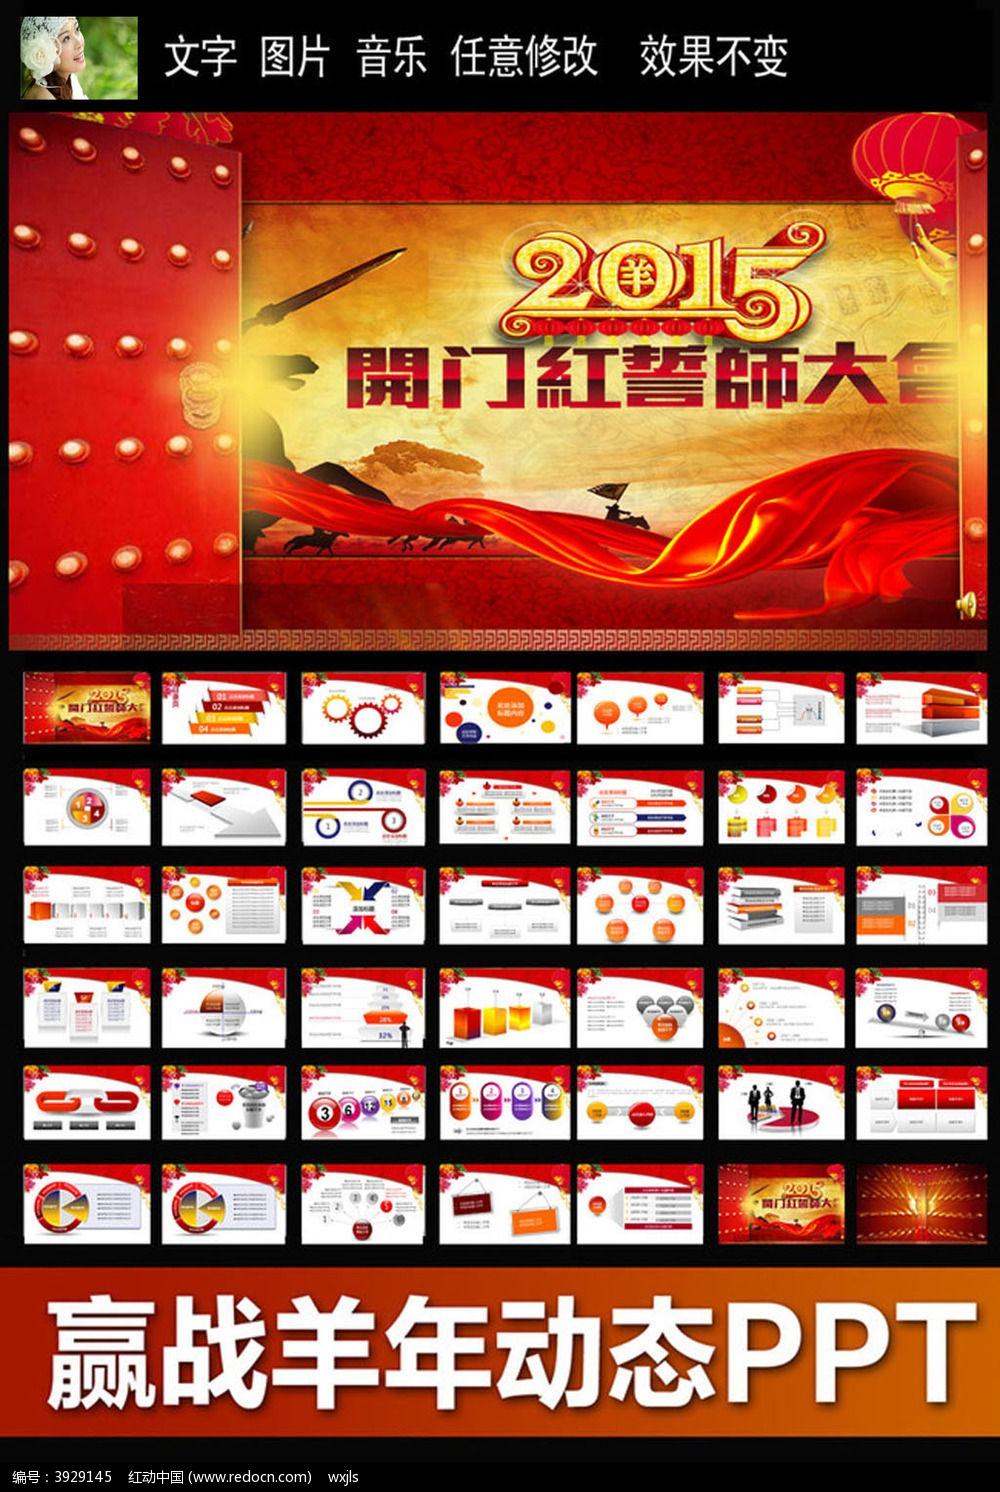 2015开门红动员大会ppt视频素材